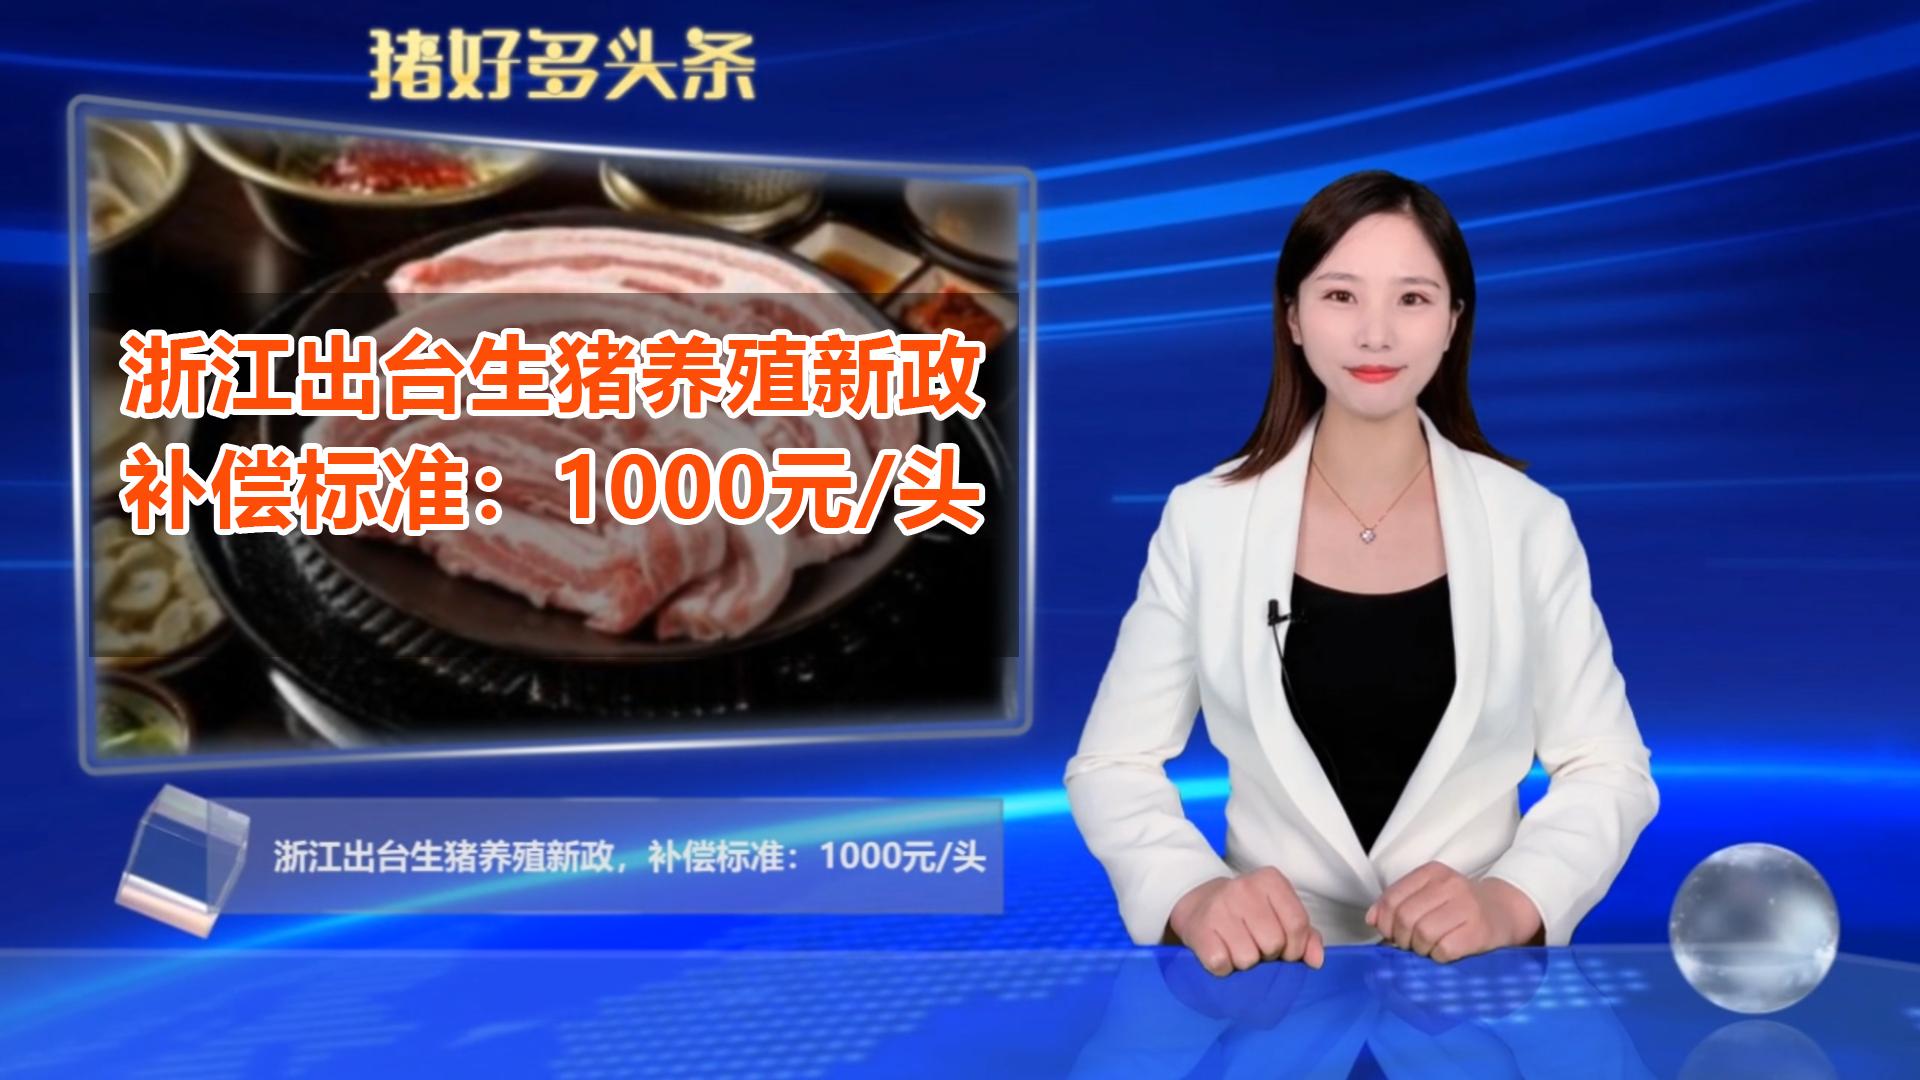 浙江出台生猪养殖新政,补偿标准:1000元/头,推动生猪产业发展